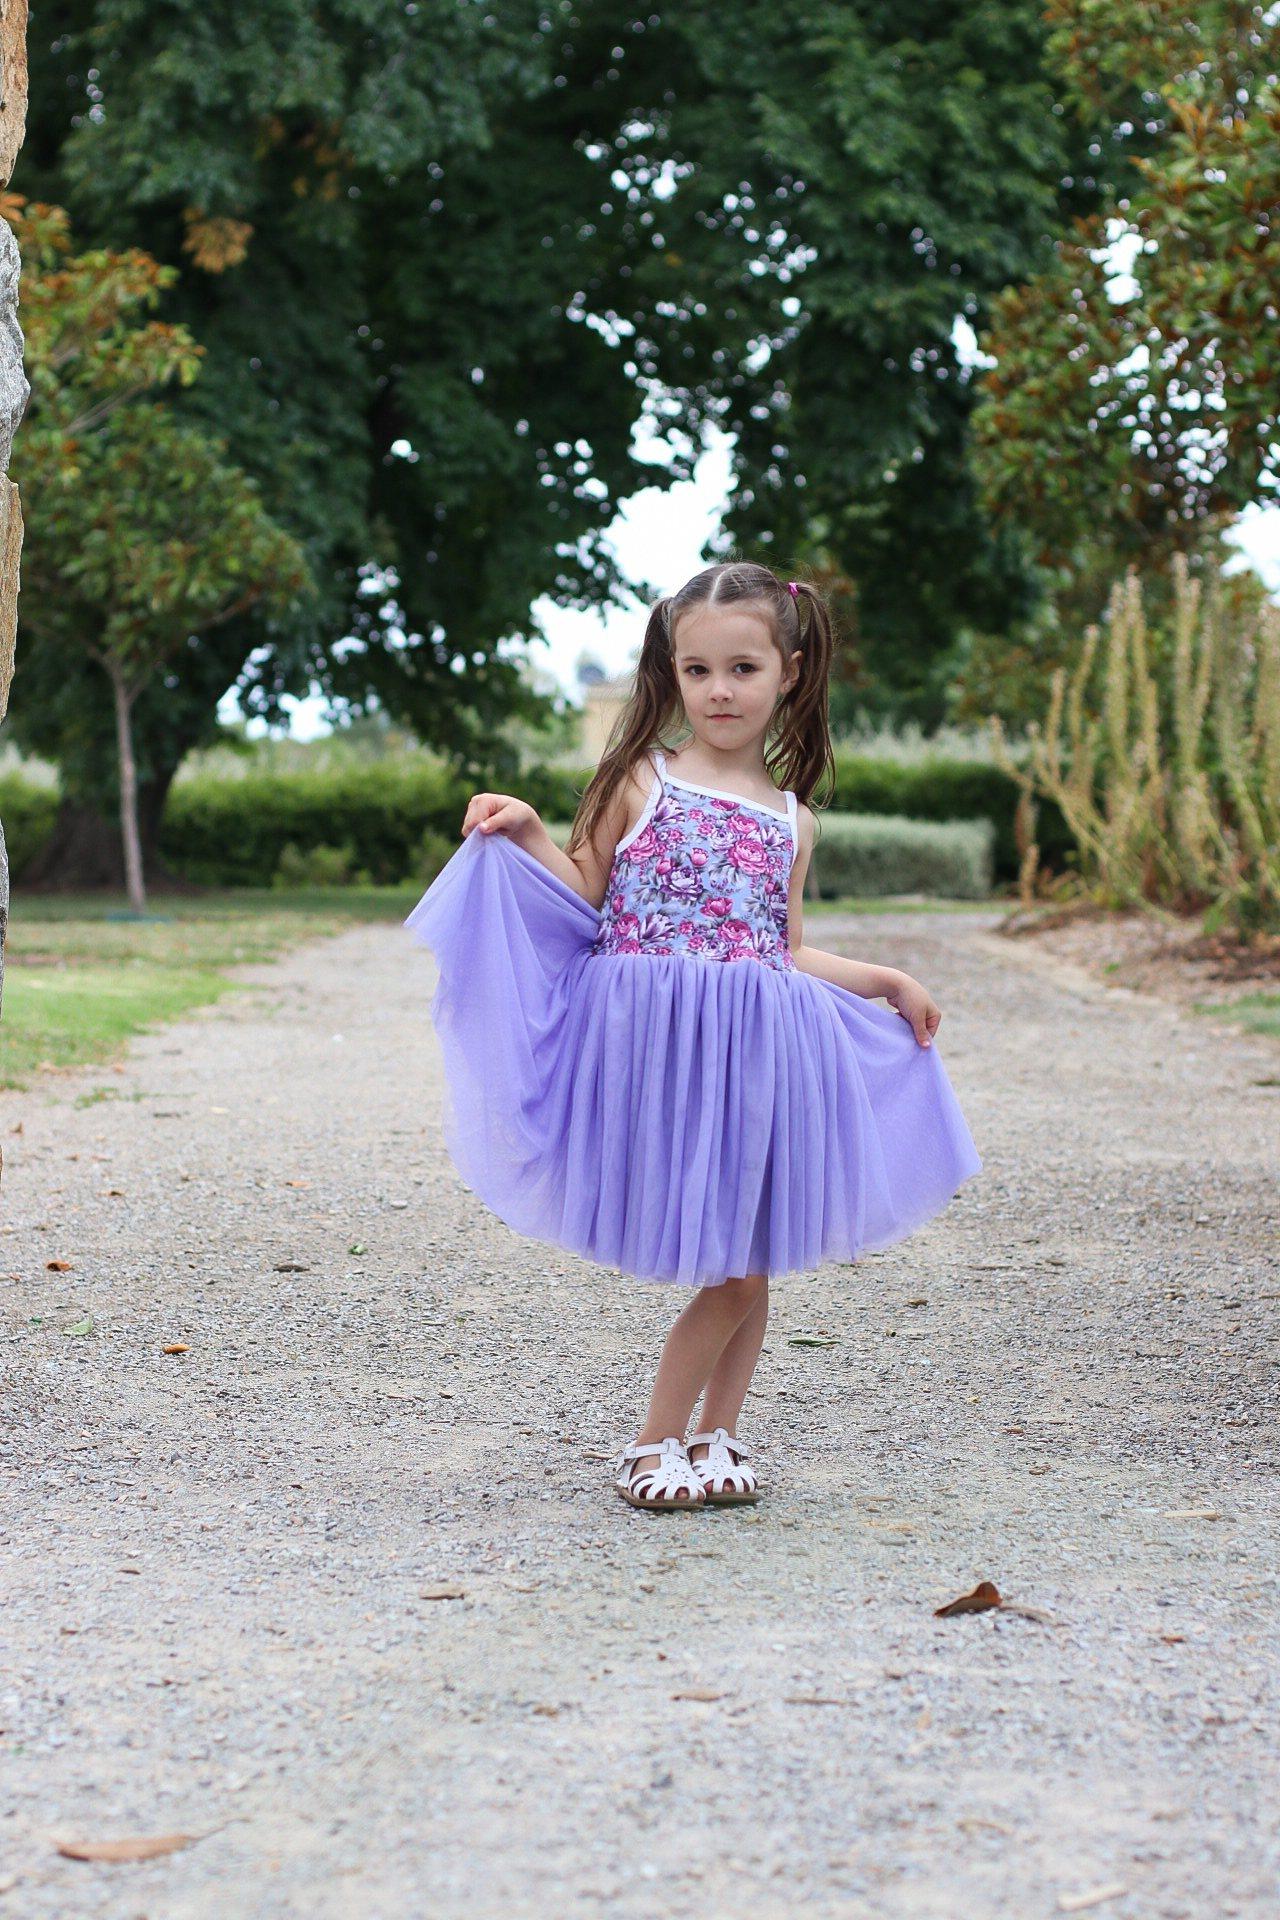 Gorgeous girl wearing tutu dress